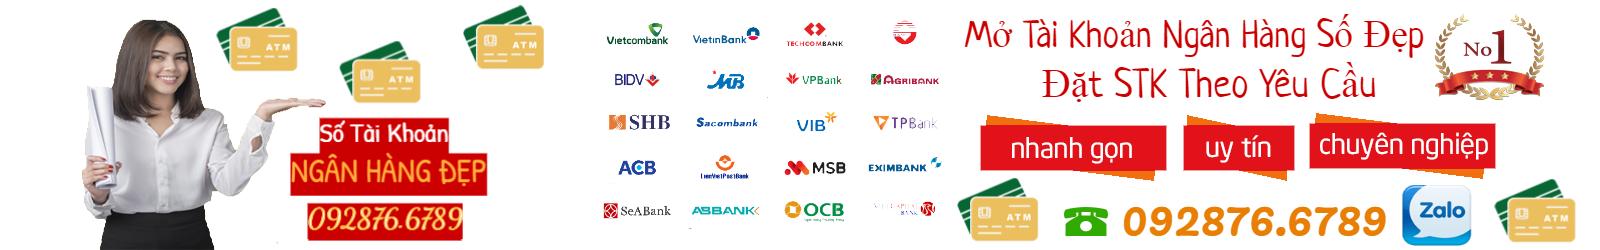 MuaSoTaiKhoanDep.Com - Website Mua số tài khoản ngân hàng đẹp uy tín hàng đầu việt nam